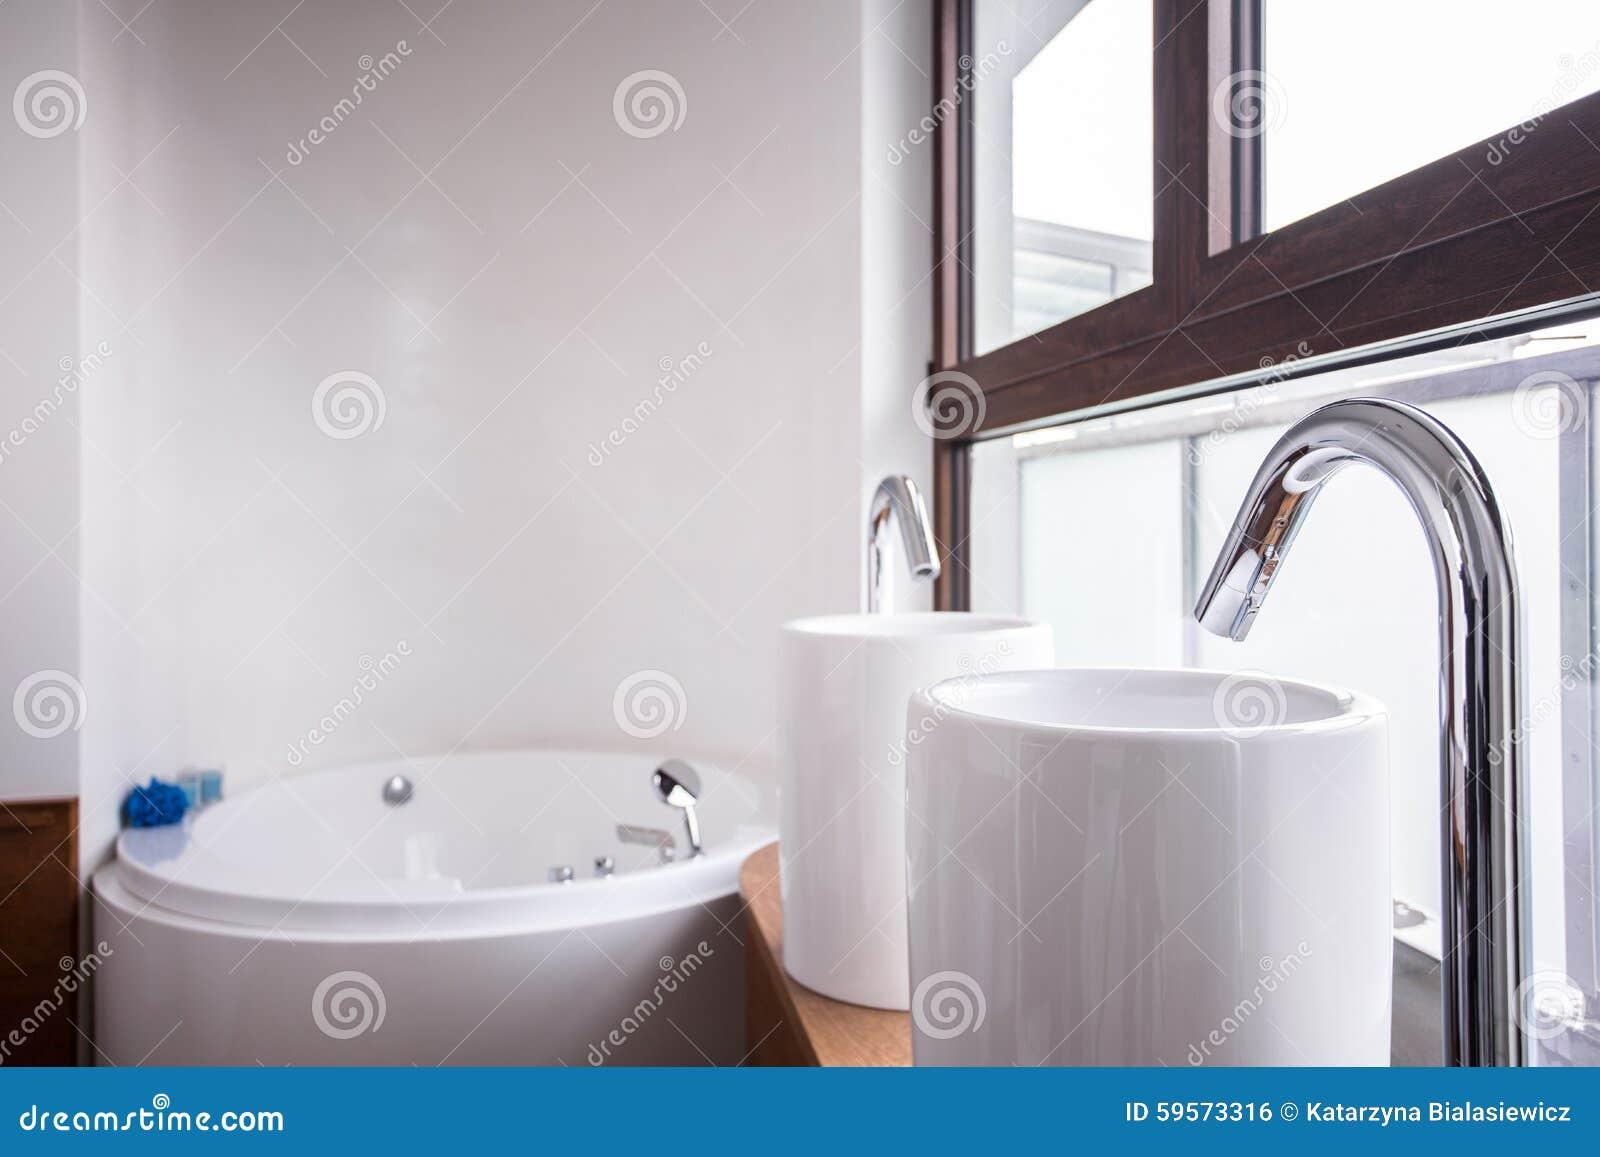 Zwei Waschbecken Und Bad Stockfoto Bild Von Zuhause 59573316